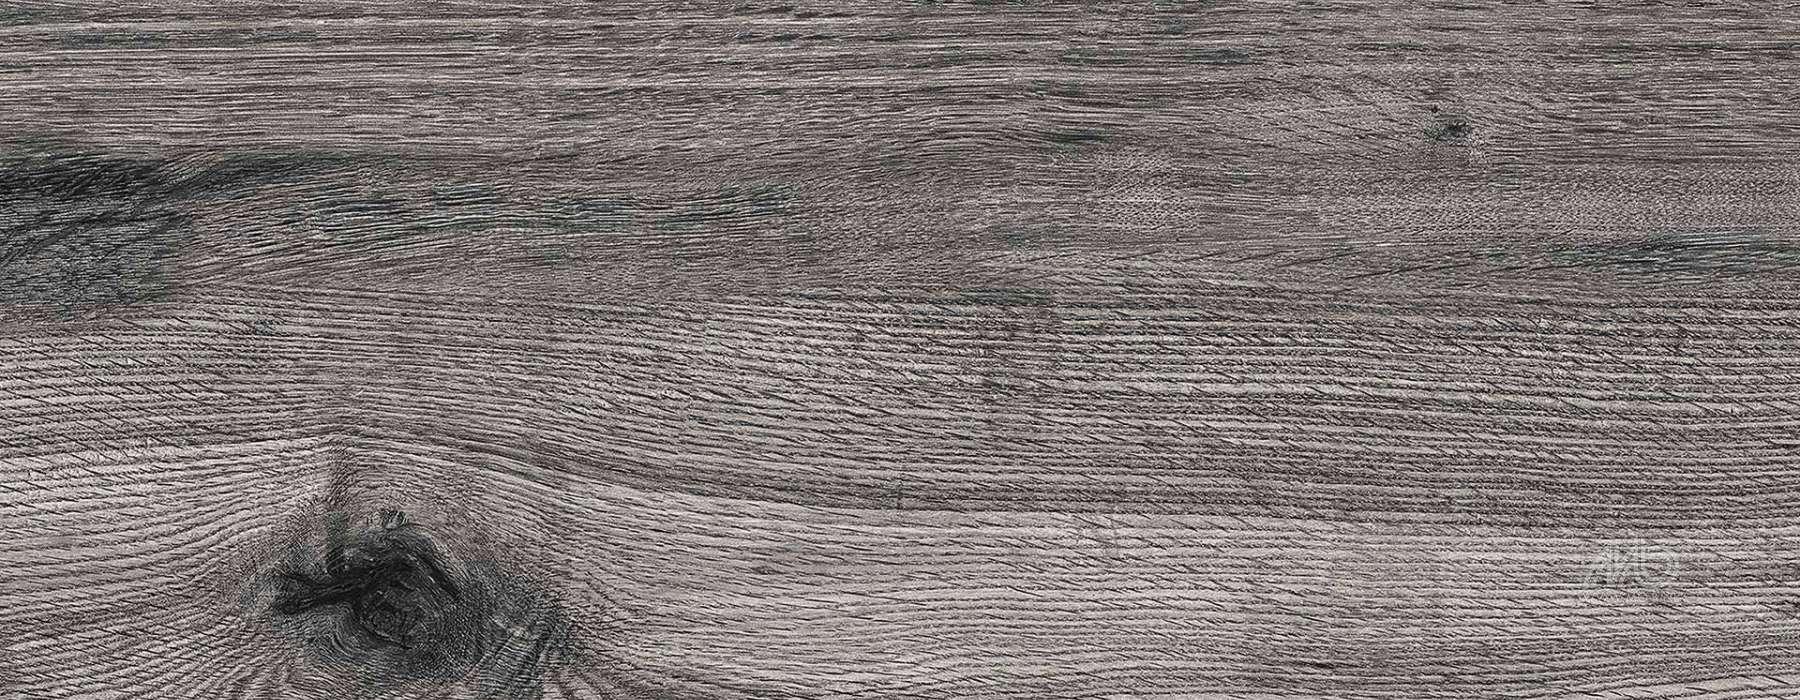 MO-B | Barnwood 46x91x2 | Grey